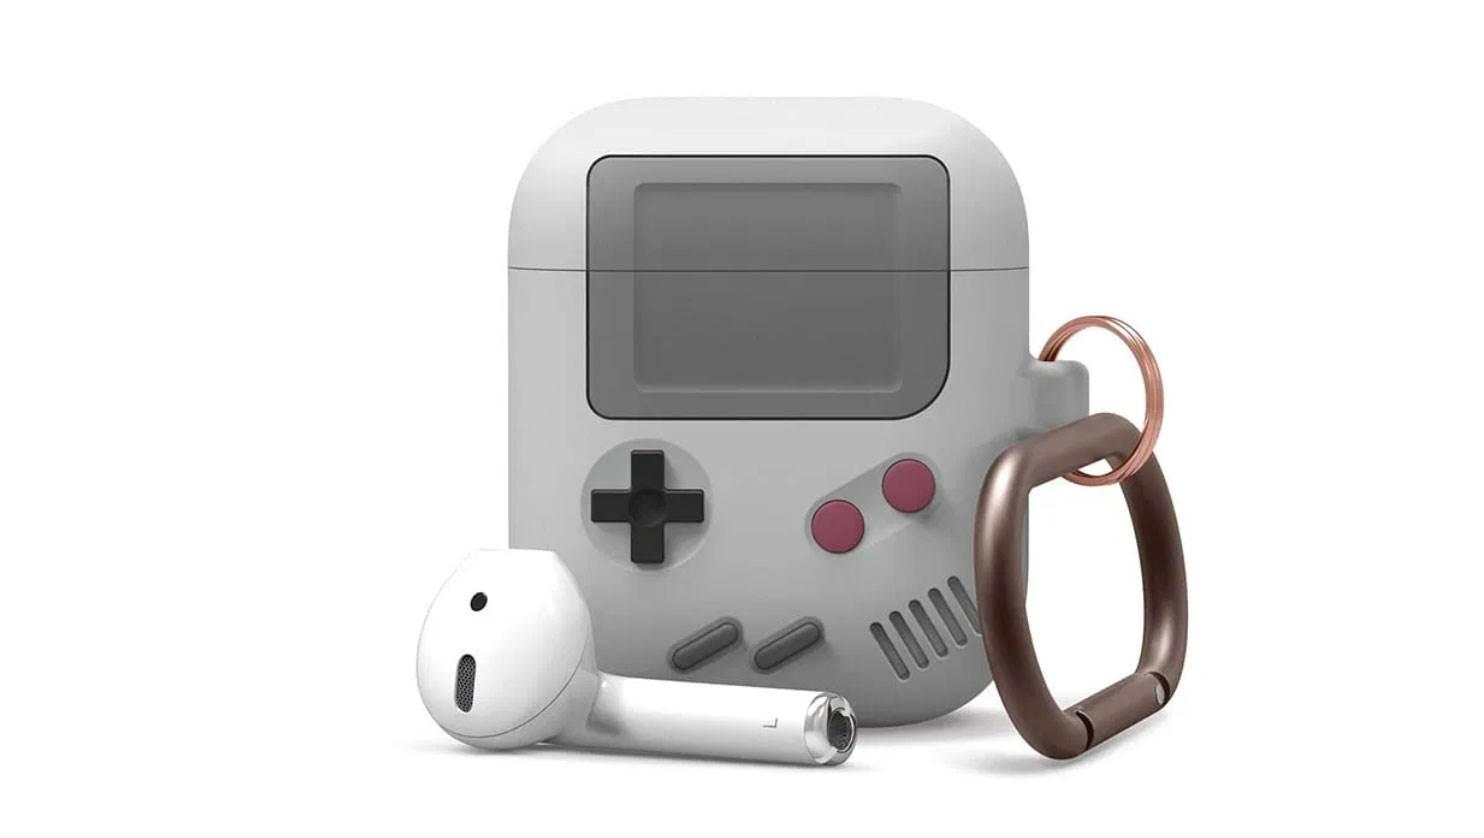 Elago wypuściło nową obudowę, która zmienia AirPodsy w mini Game Boya polecane, ciekawostki Game Boy, etui, Elago, AirPods  Producent akcesoriów Elago wydał nową obudowę w stylu odtwarzacza iPod Classic dla bezprzewodowych słuchawek Apple AirPods. etui 1